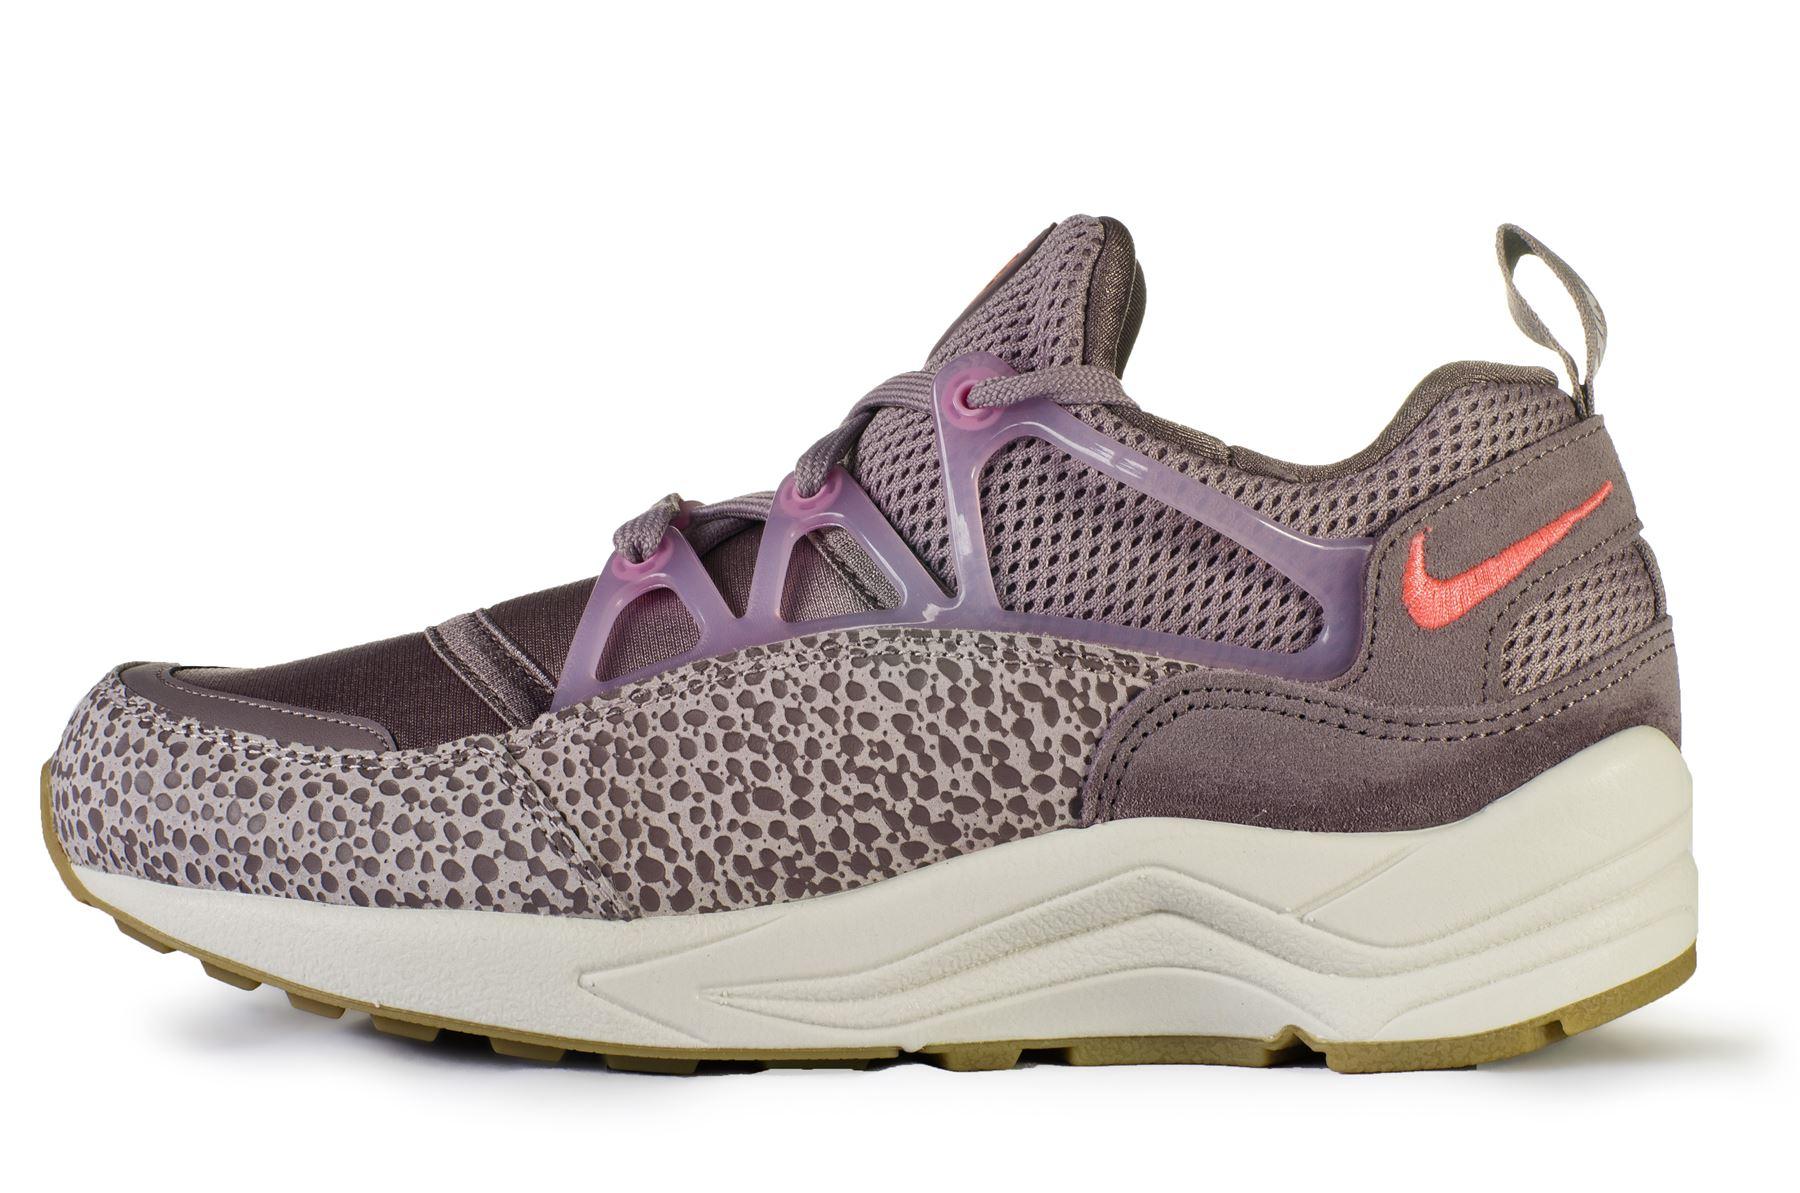 Huarache Stampa Nike Flog Prugna Scarpe In Air Sportive Donna LqVGSzpUM